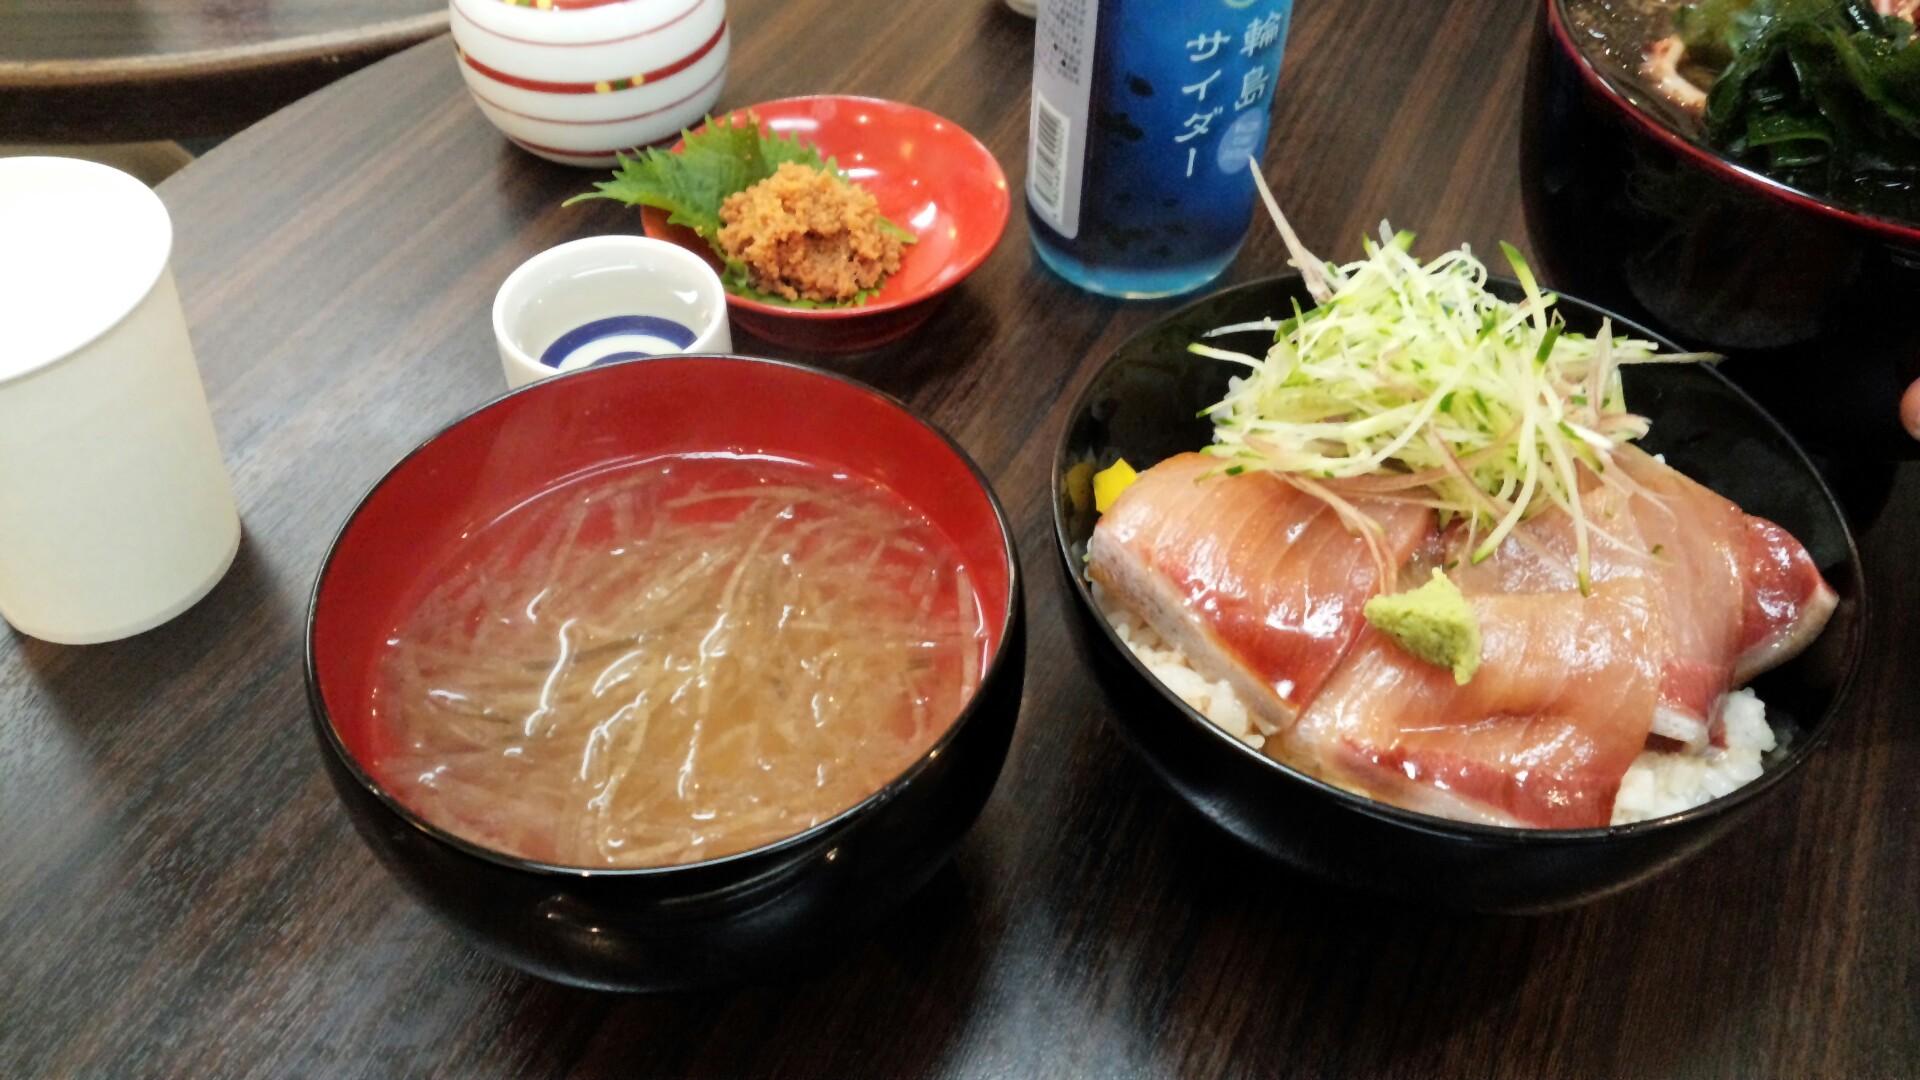 ウインナーと玉子焼き弁当 輪島旅行続き_b0171098_952621.jpg